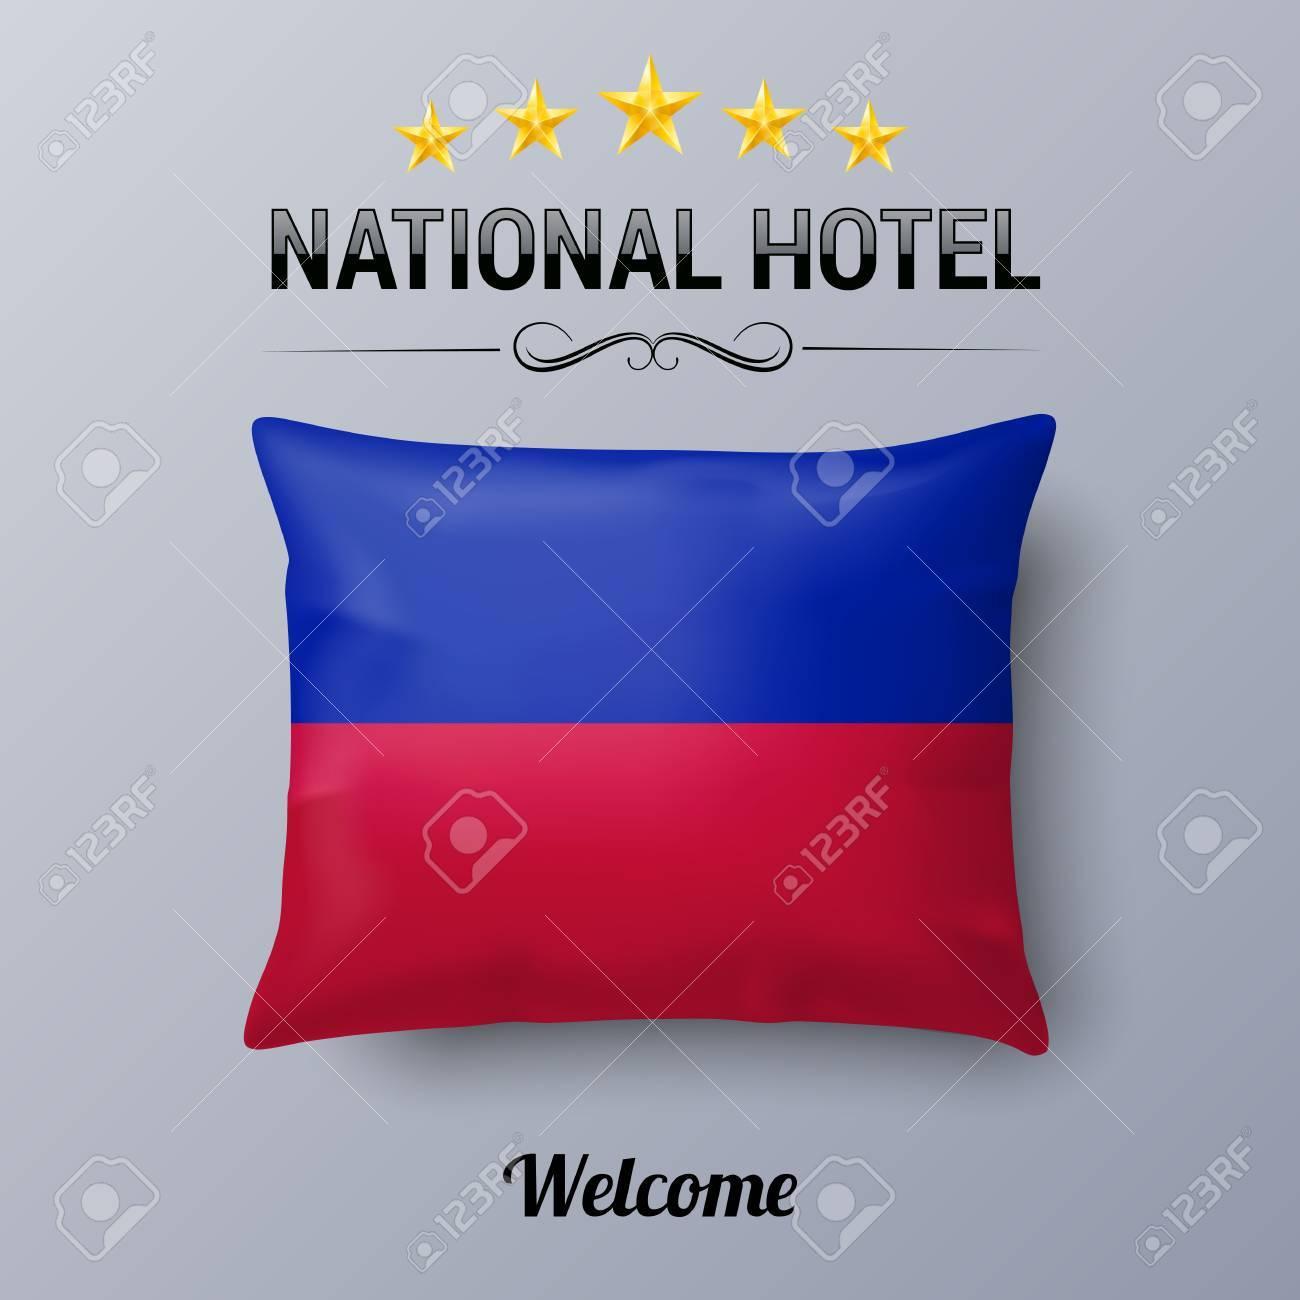 couverture d oreiller Oreiller Réaliste Et Drapeau D'Haïti Comme Symbole National Hotel  couverture d oreiller